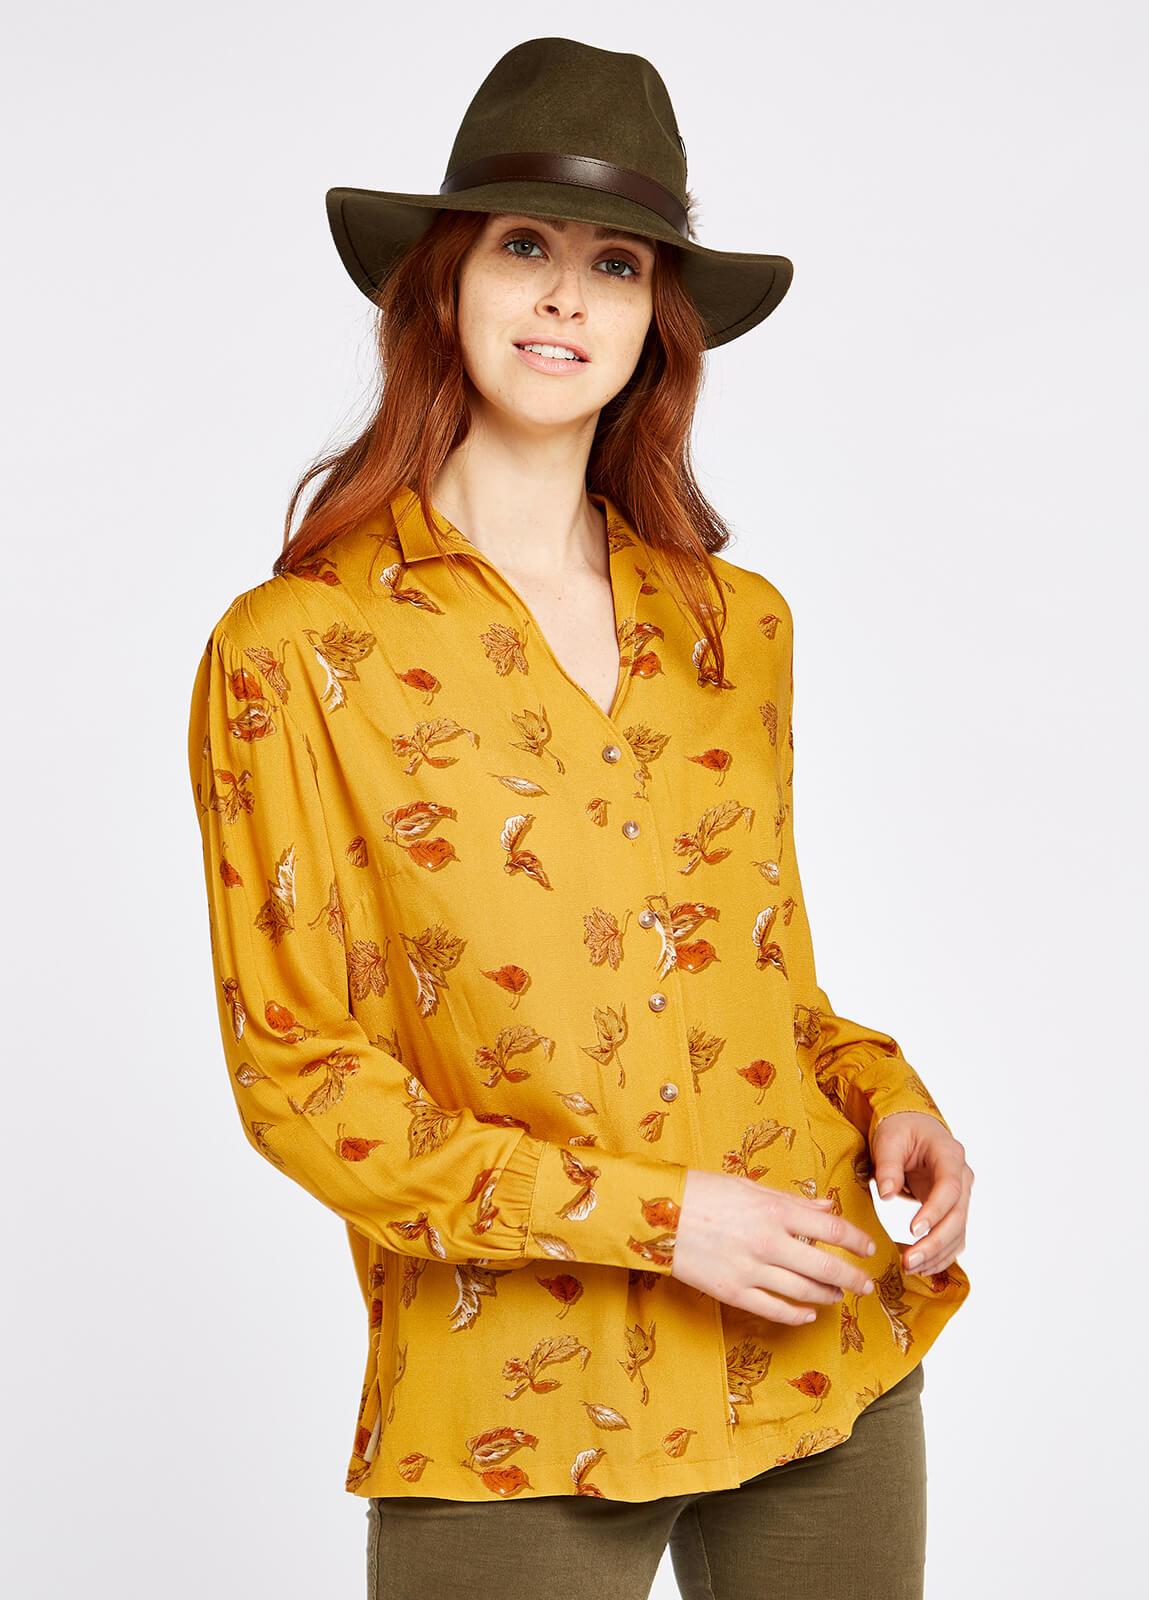 Edelweiss Shirt - Harvest